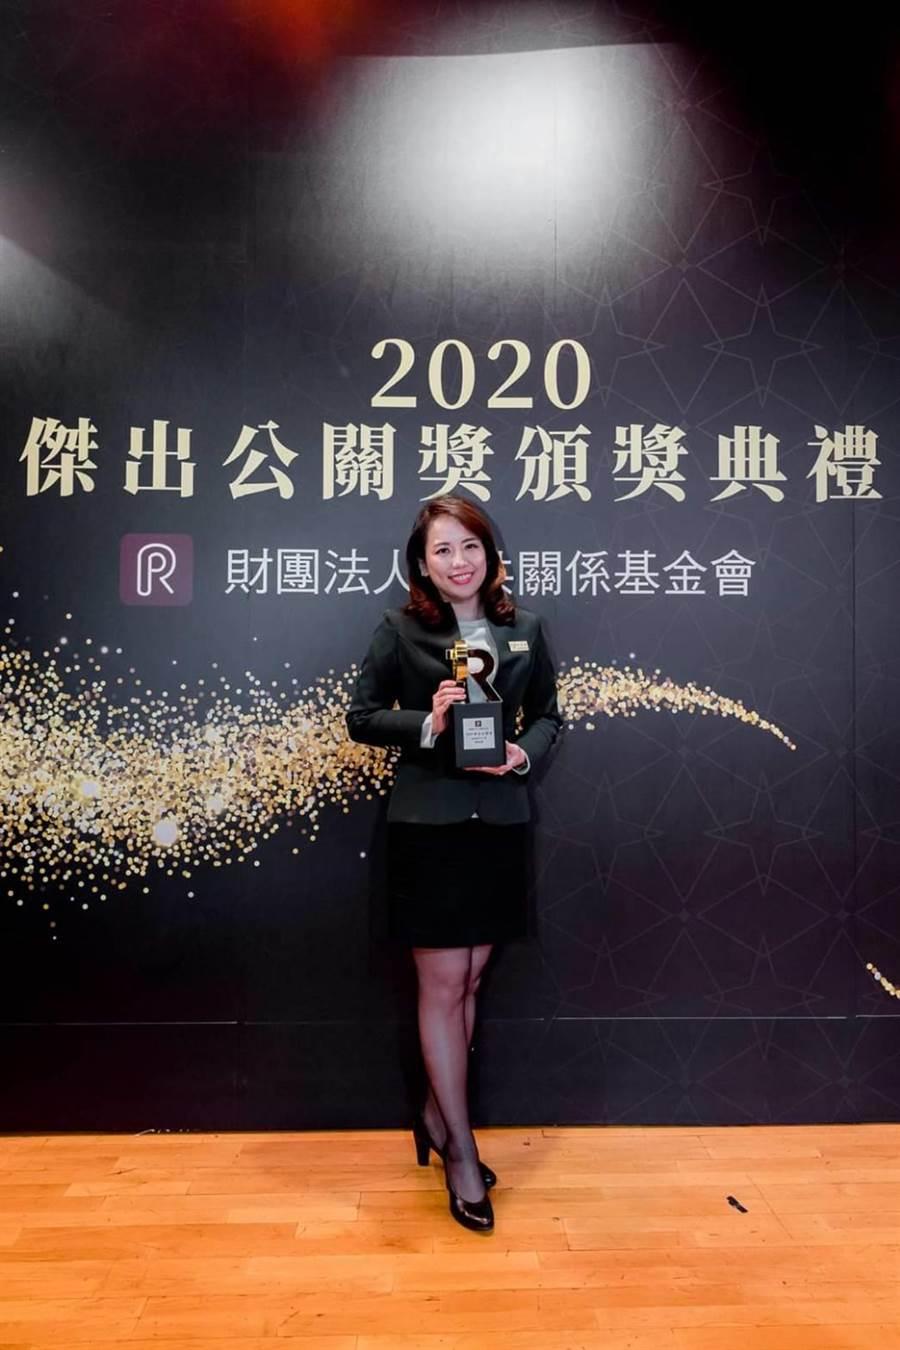 2020年公關基金會頒發的年度企業發言人傑出獎由住商不動產經理徐佳馨獲得。(住商不動產提供/王莫昀台北傳真)